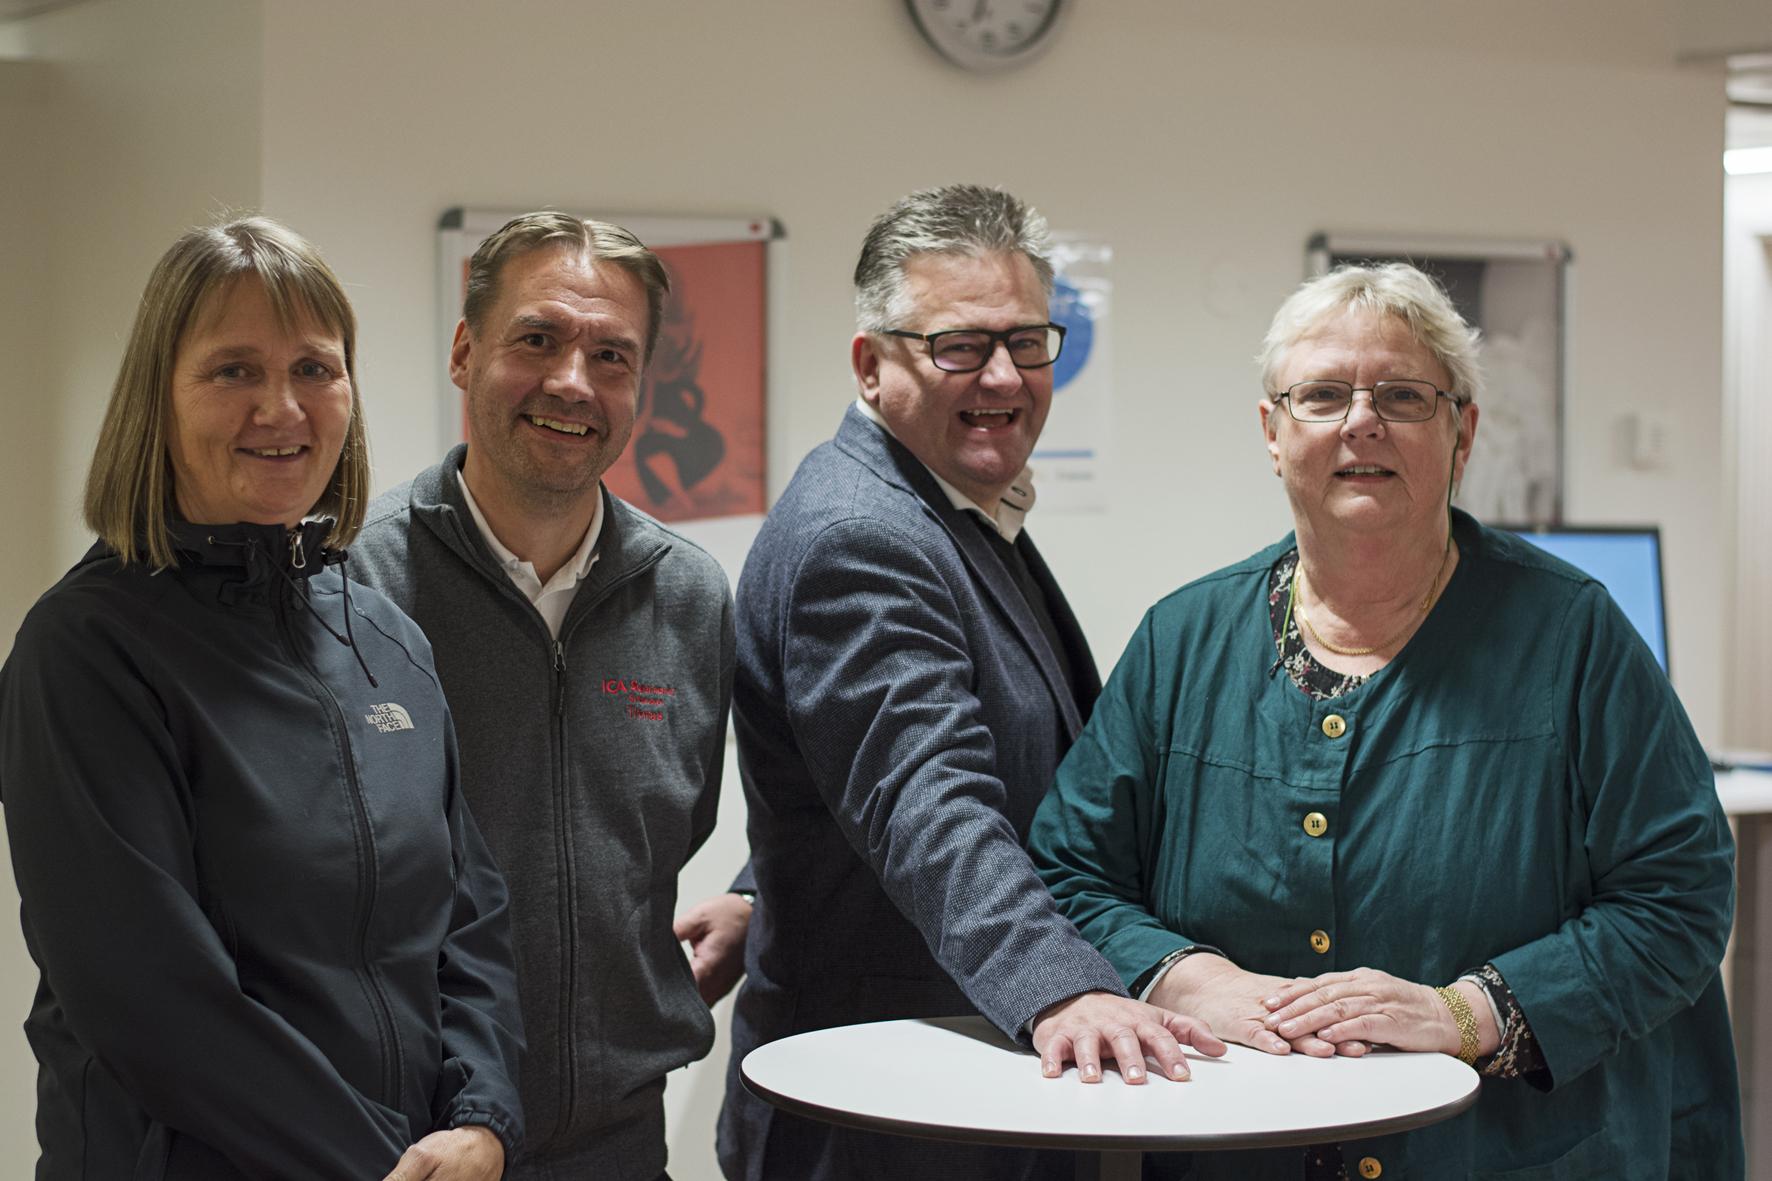 Fr v Kate Beck, Thomas Lundström, Håkan Olofsson och Karin Holmquist. Foto Pernilla Gunnarsdotter Persson